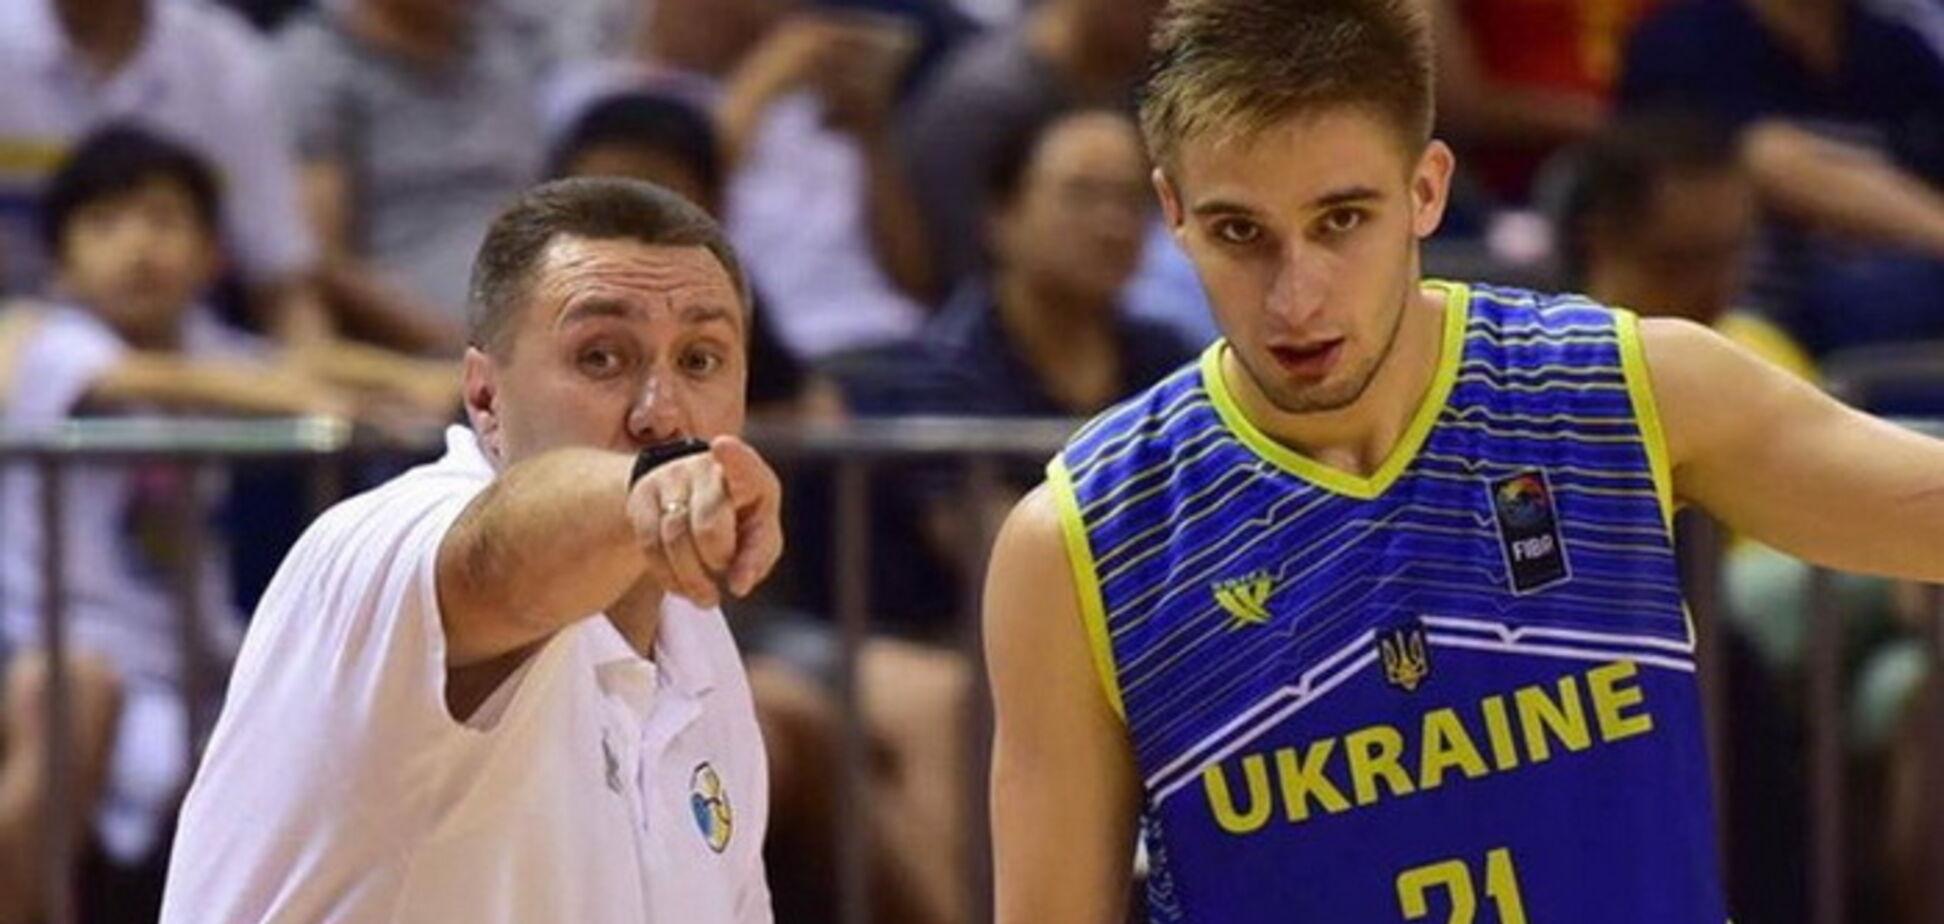 Збірна України з баскетболу поступилася господарям Універсіади-2017